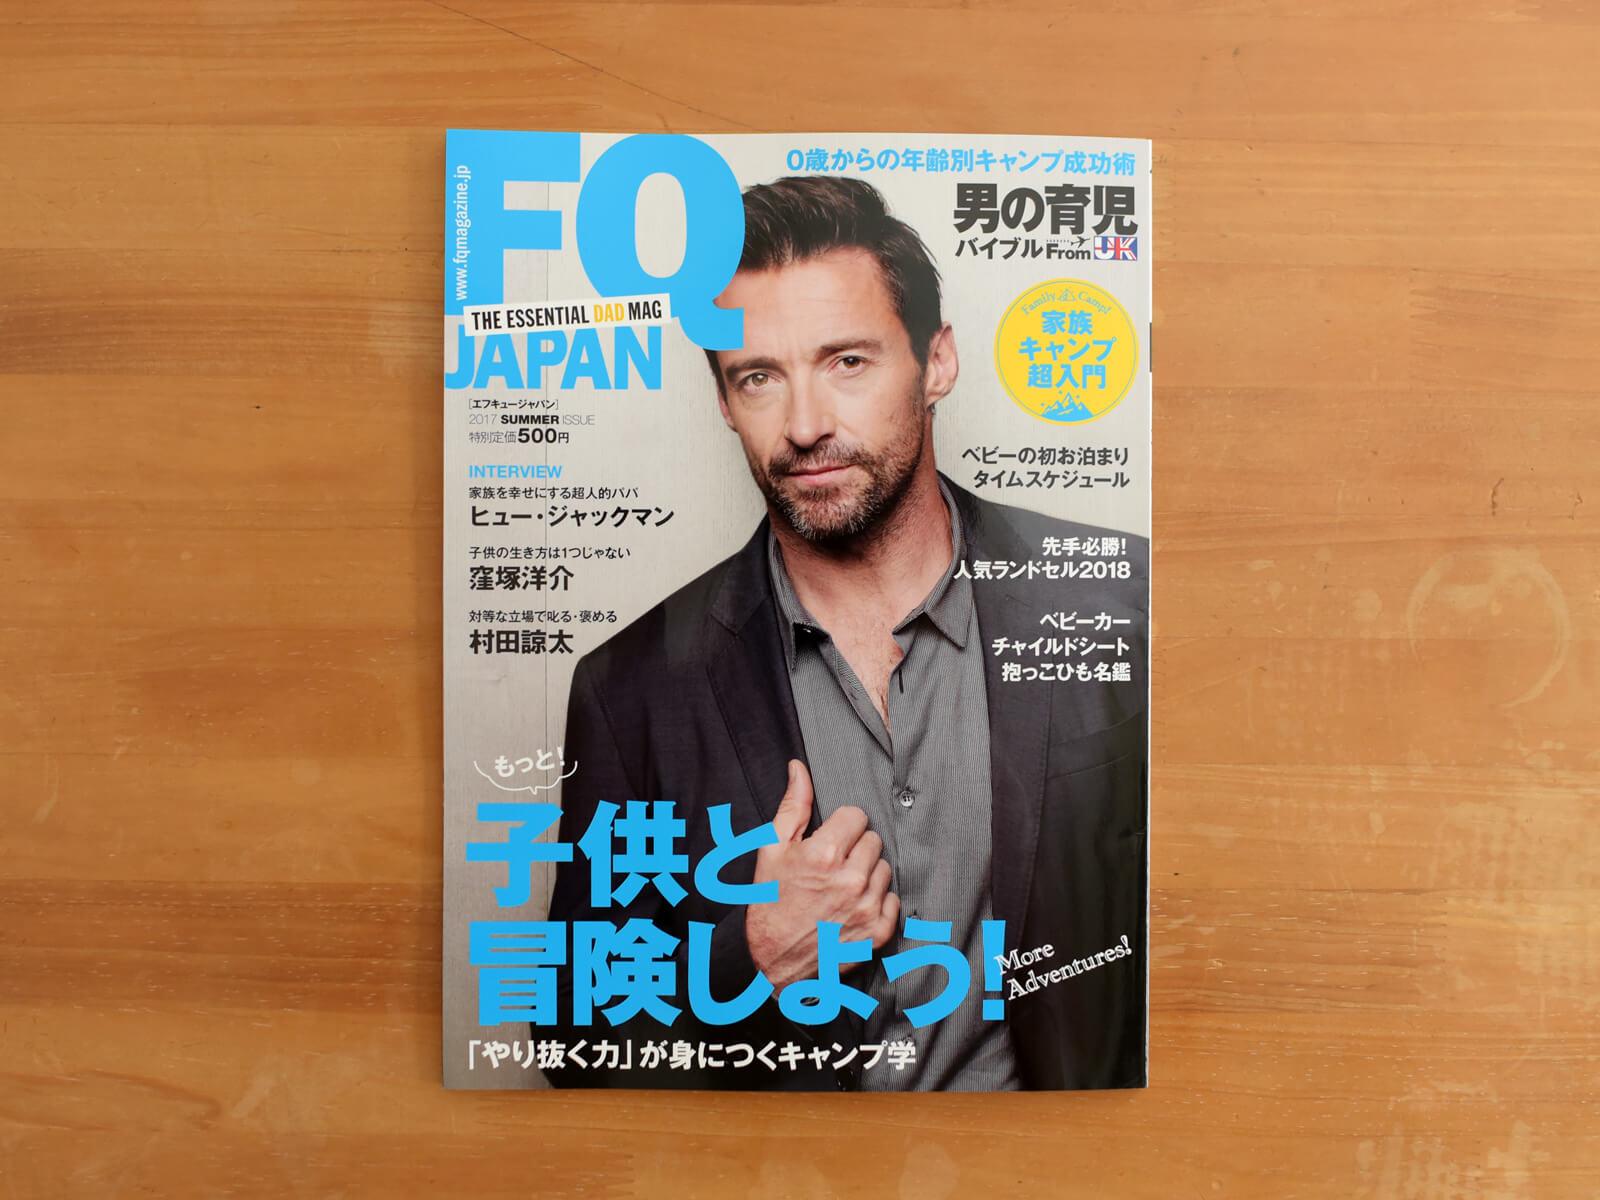 雑誌掲載のお知らせ「FQ JAPAN(エフキュージャパン)2017年夏号」